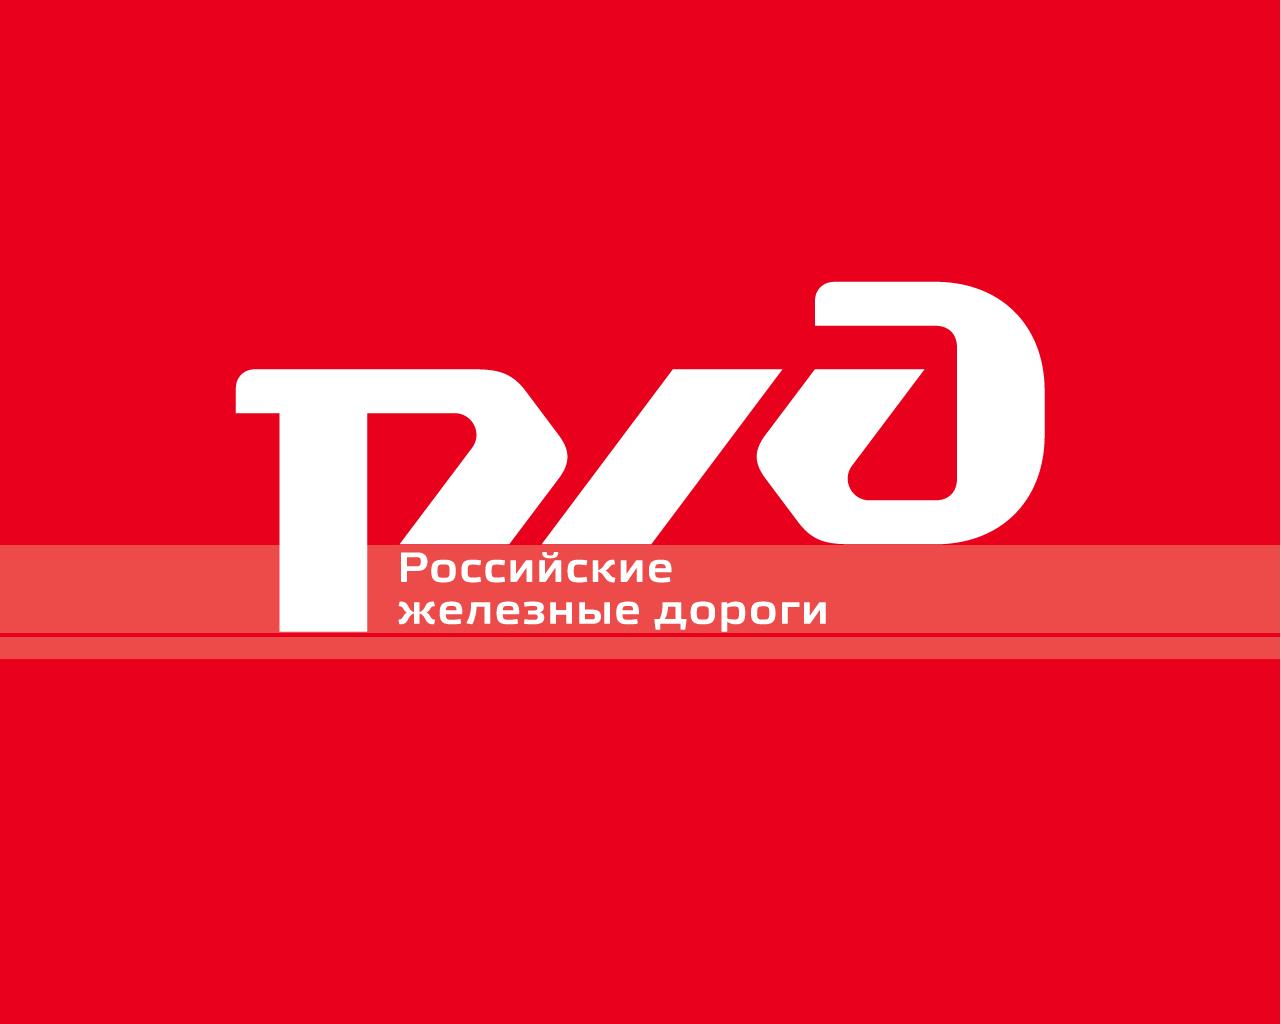 3 июля на полигоне Алтайского региона ЗСЖД начинает работу передвижной выставочно-лекционный комплекс (ПВЛК) ОАО